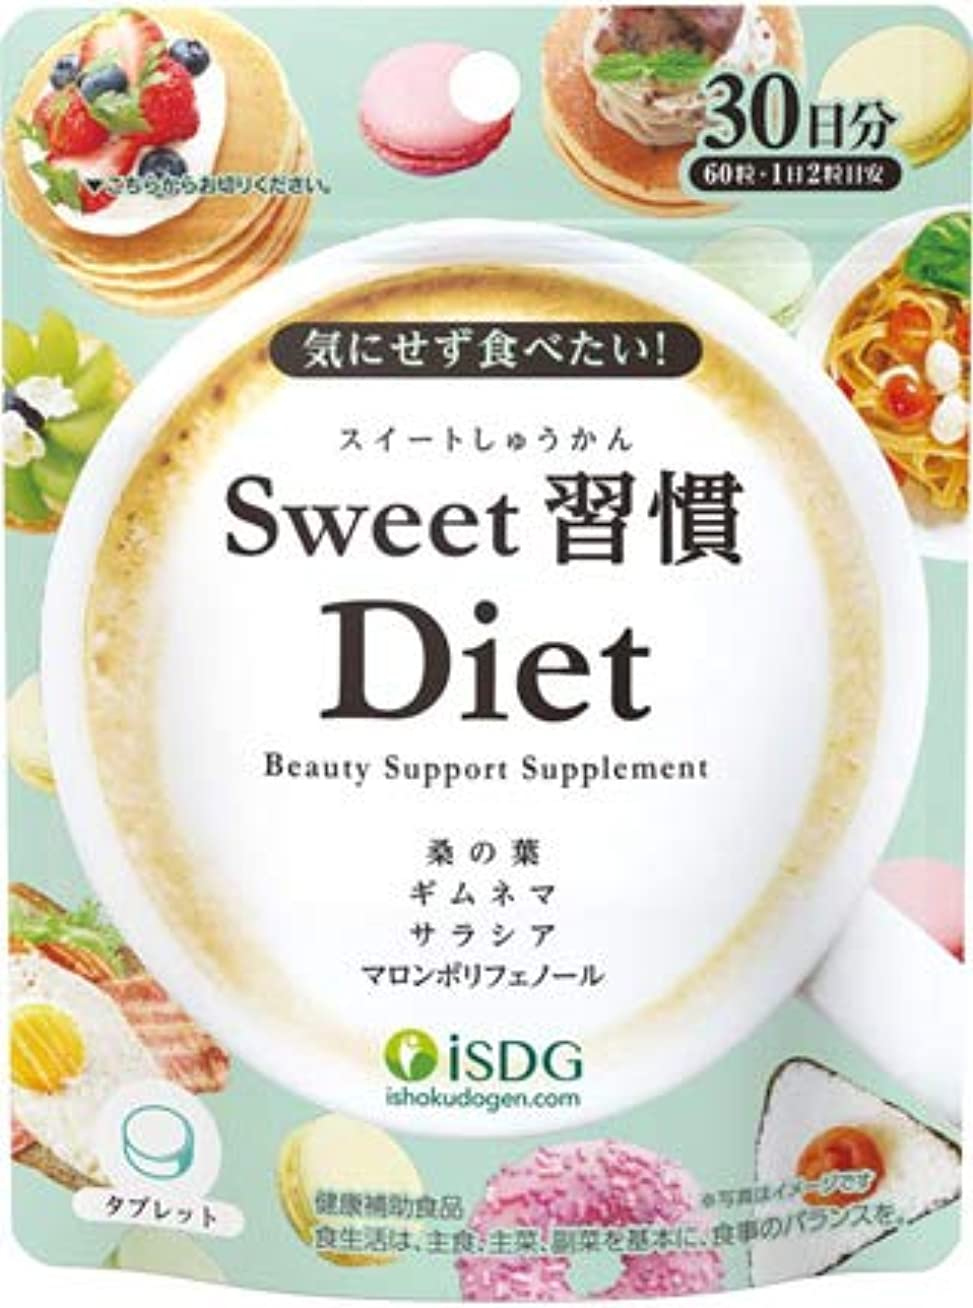 お互い吸収見物人医食同源ドットコム 医食同源 Sweet 習慣 Diet 60粒×5個セット スイート ダイエット